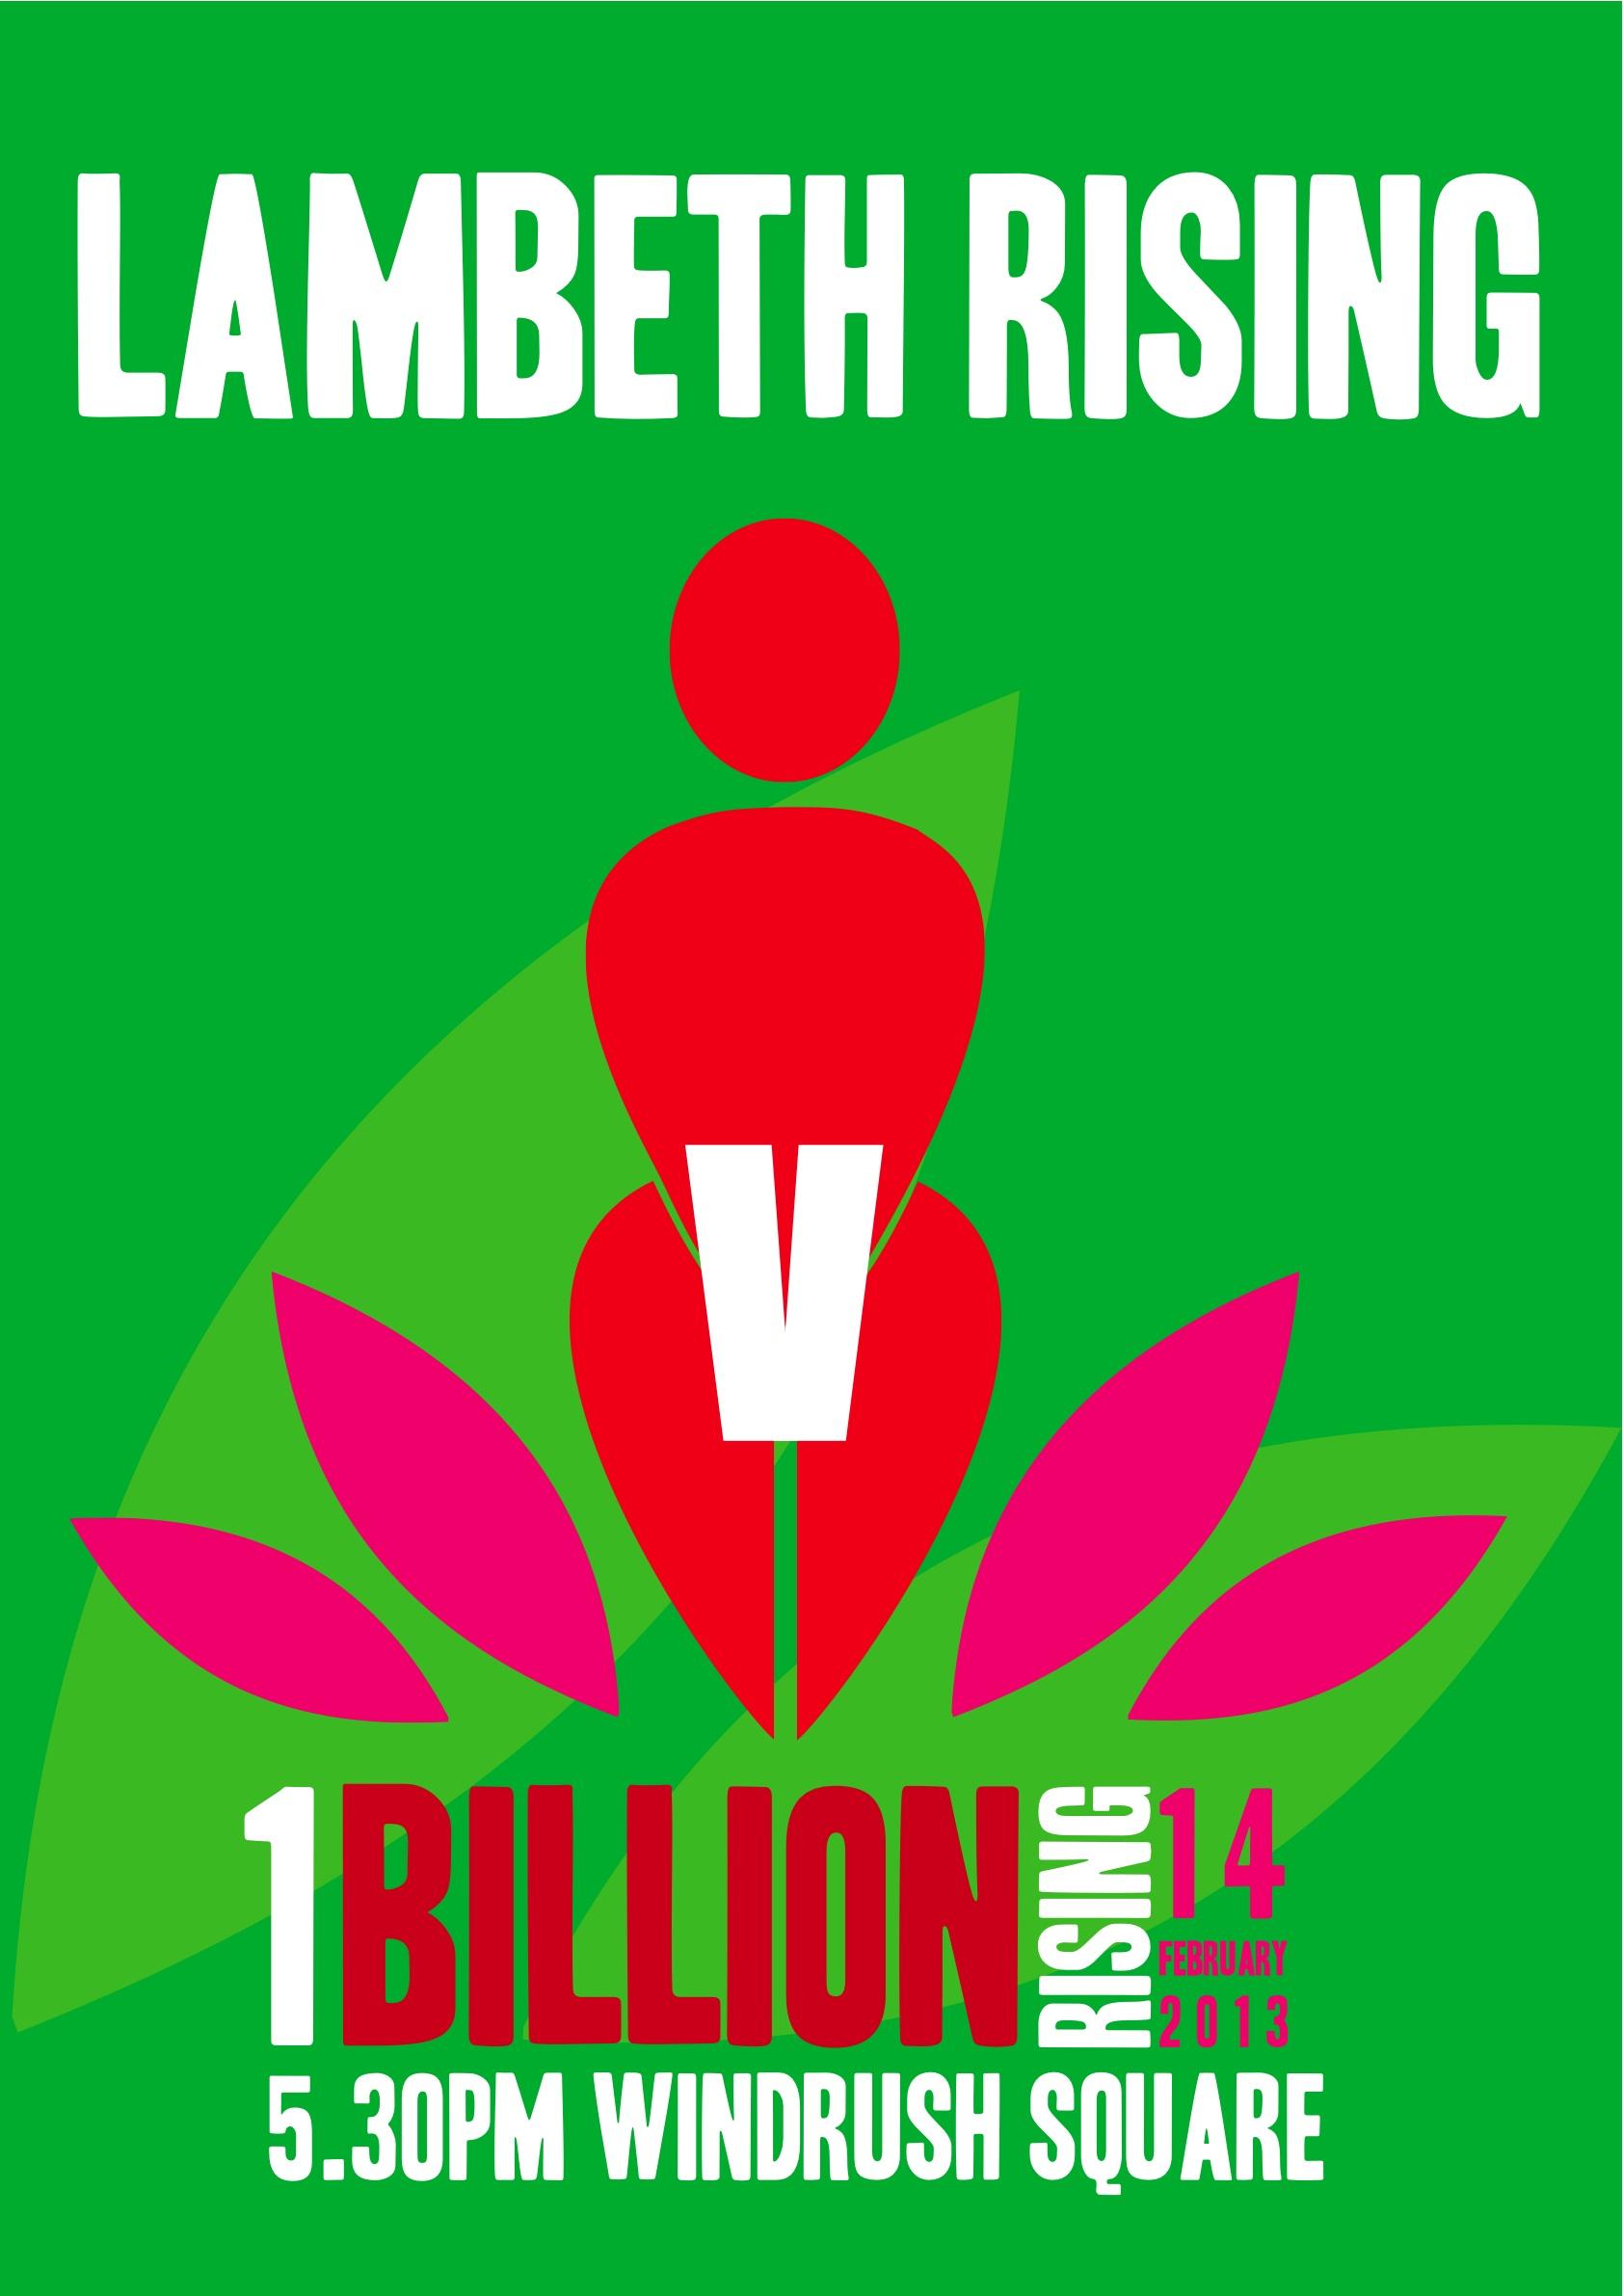 OBR flashmob green poster